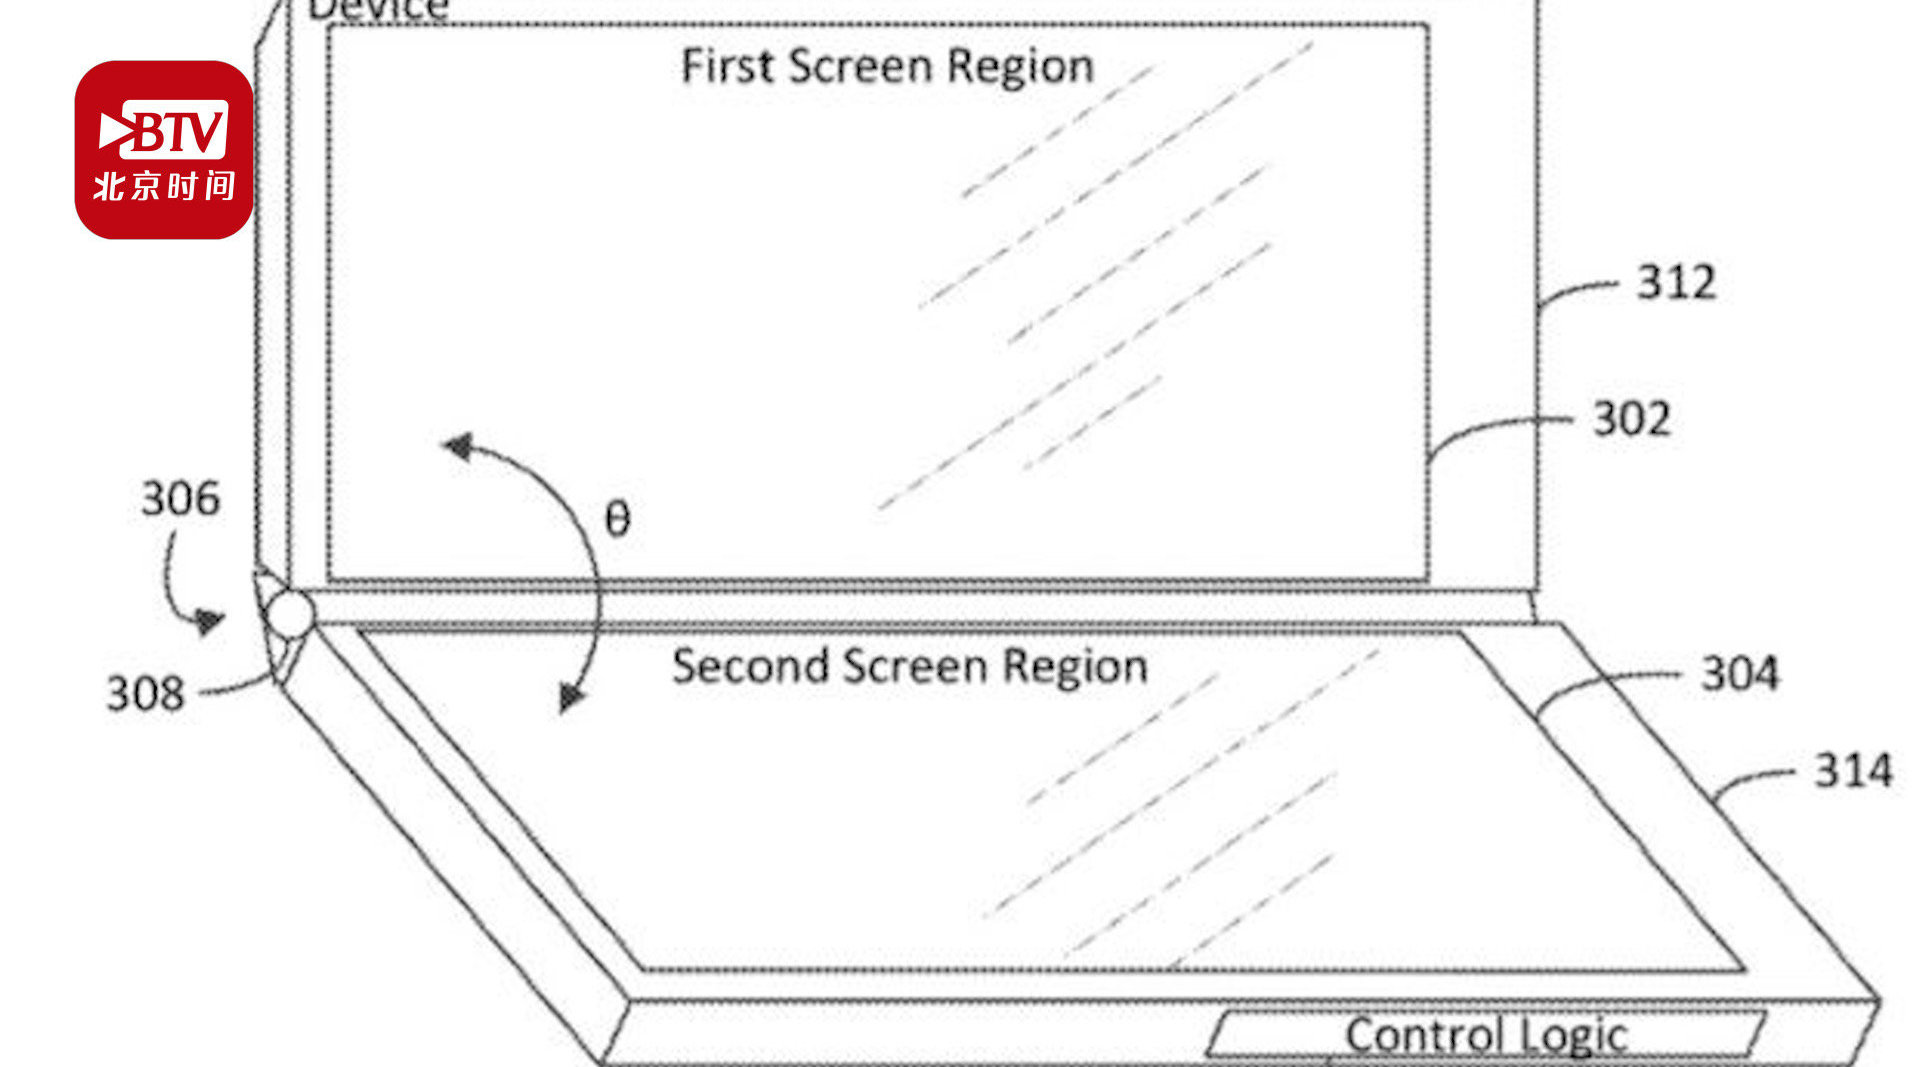 微软三屏折叠手机专利曝光 会改变使用手机的方式么